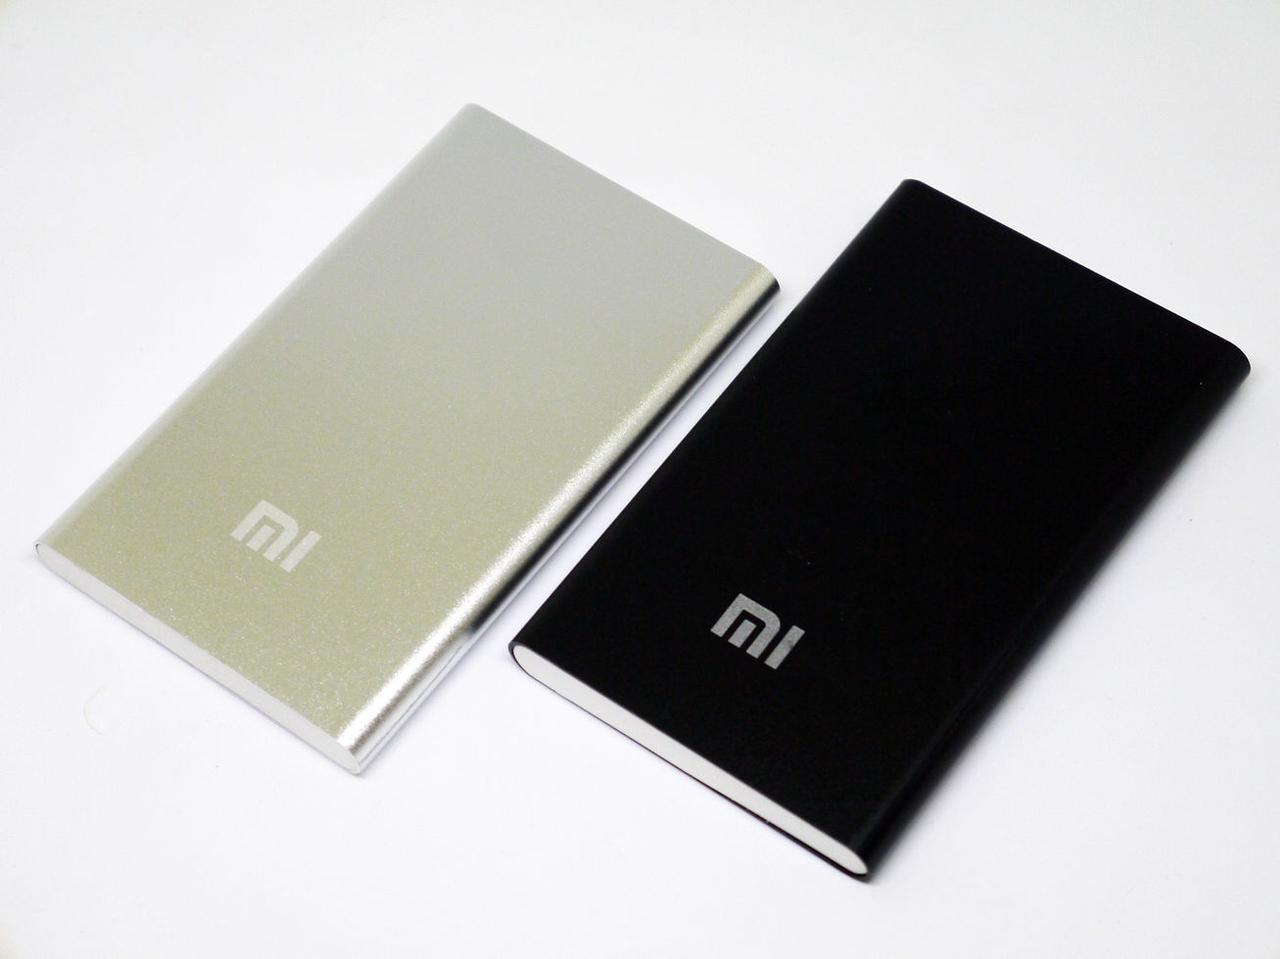 Power Bank Xiaomi 12000 mAh (copy)